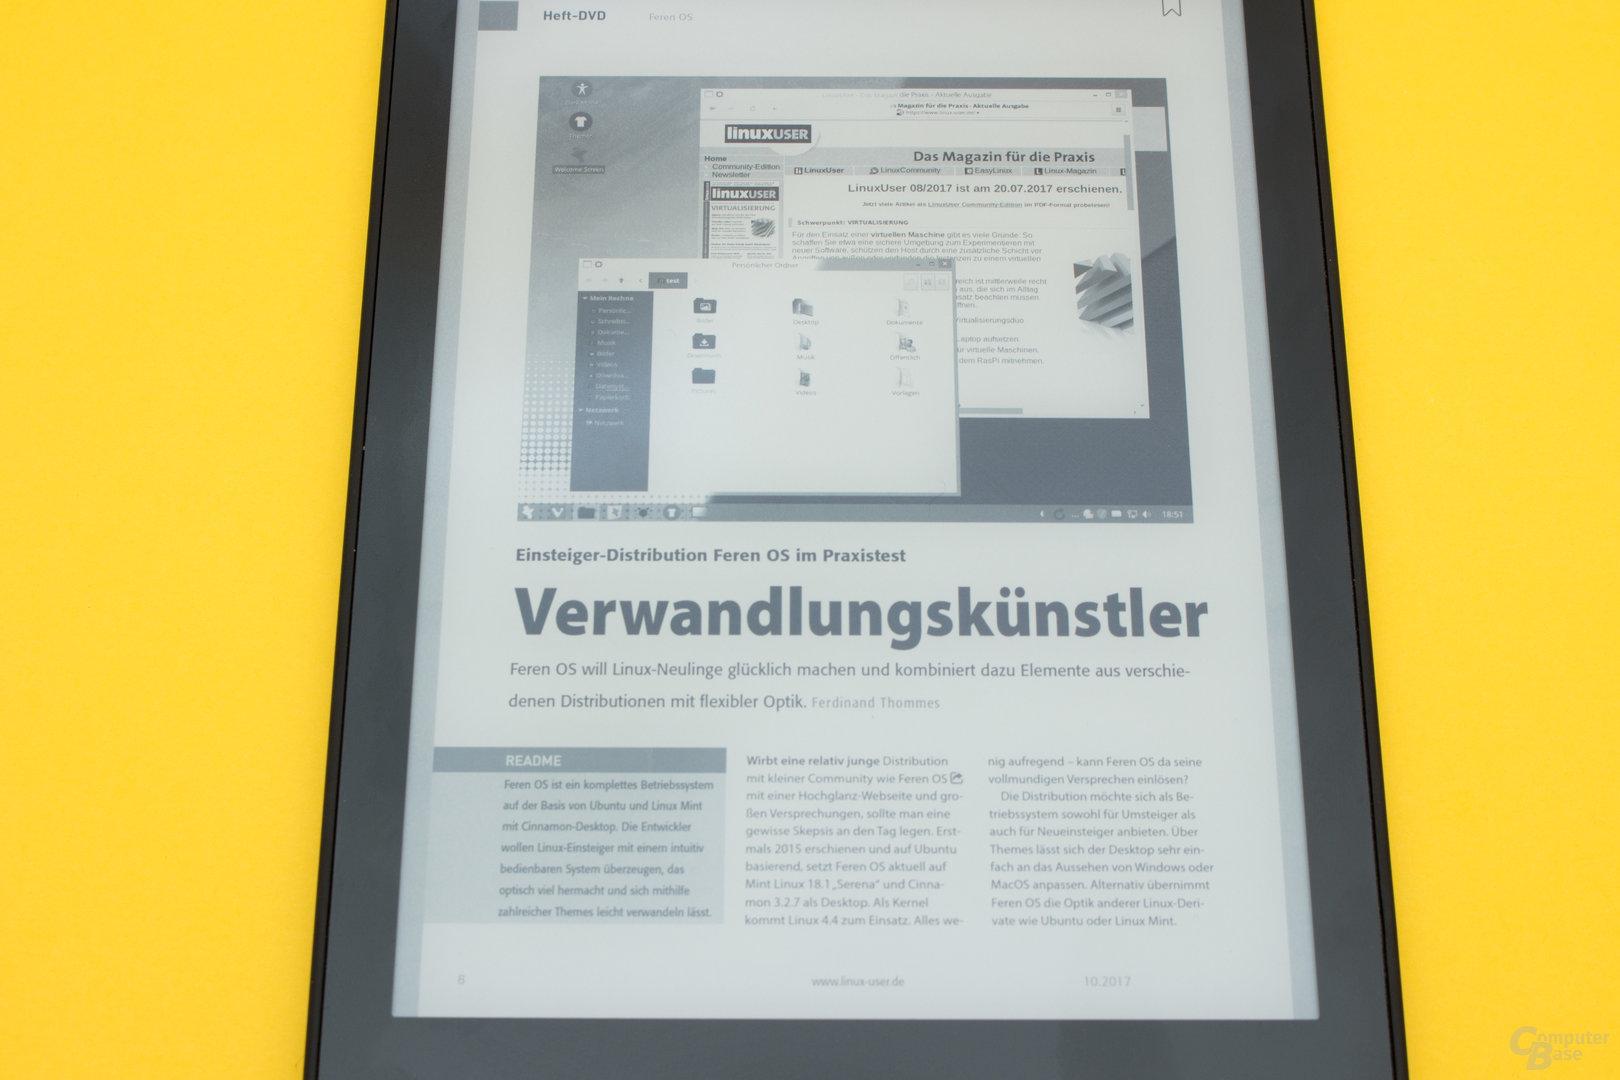 Schlechte PDF-Darstellung beim Tolino Epos